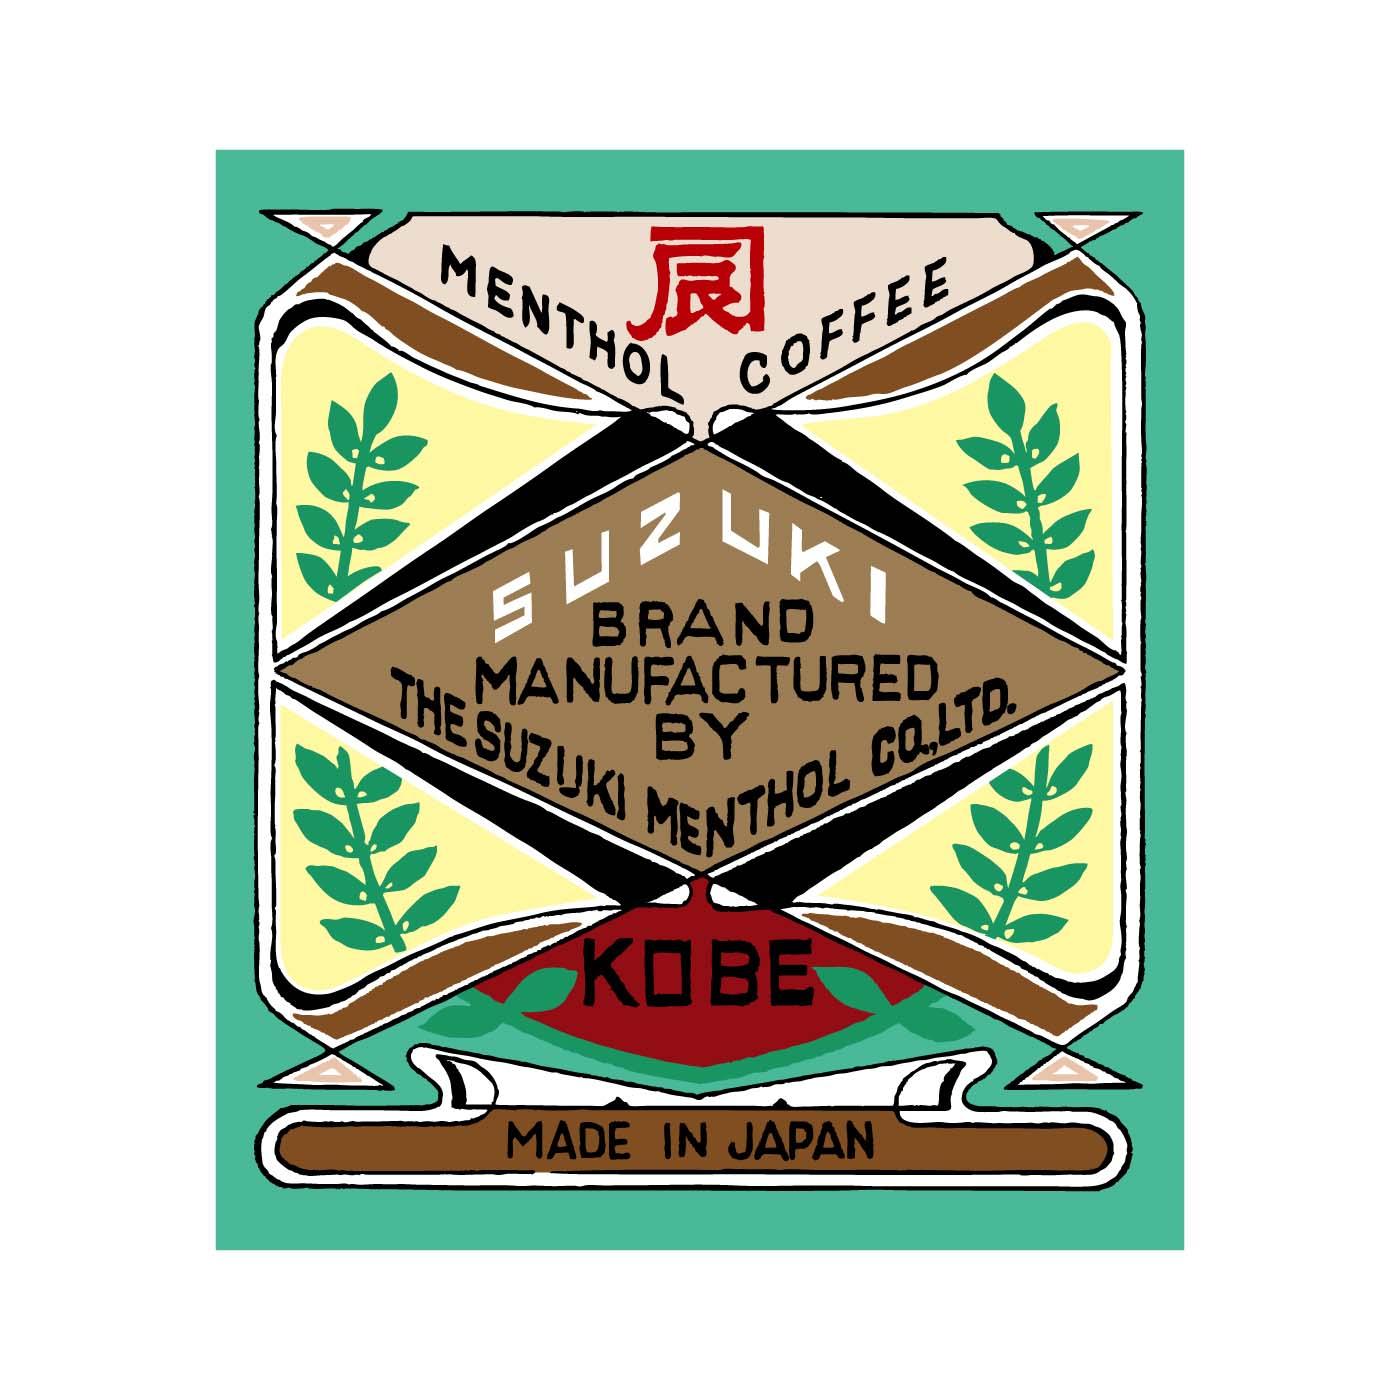 『薄荷珈琲』のラベルデザインを手がけたのは有田真一氏。このラベルの象徴ともいえるロゴは鈴木薄荷株式会社の伝統的な薄荷クリスタルのロゴをアレンジして作られています。古くからの伝統と、革新的な文化との融合を表現し、周りにほどこされたエンボス加工を始め、こだわりがちりばめられたデザインとなっています。